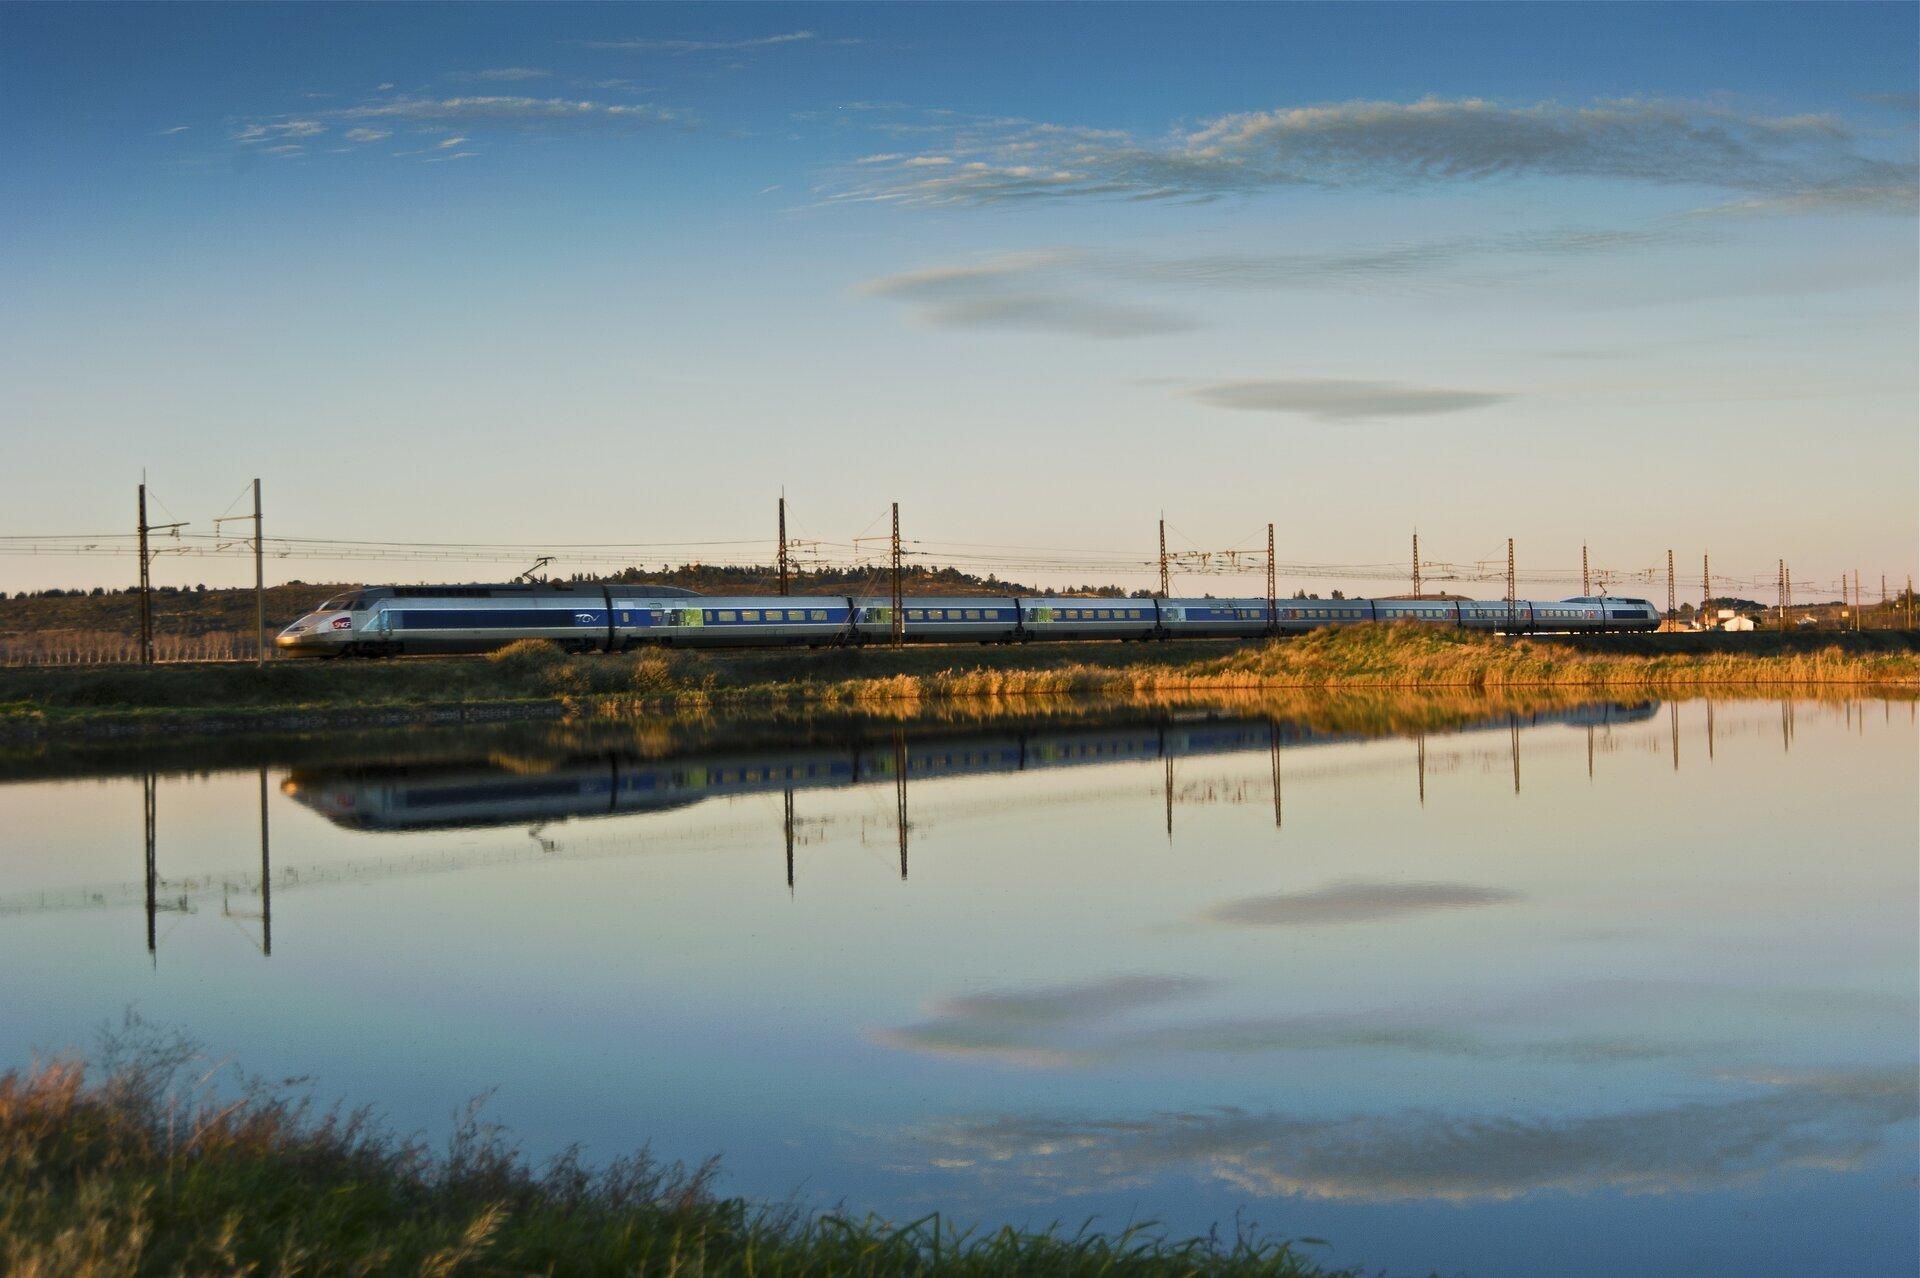 Zdjęcie przedstawia jadący po torach szybki pociąg pasażerski uwieczniony wmomencie mijania akwenu wodnego. Ztego powodu obraz pociągu odbija się wtafli wodnej. Daleko wtle widoczne są zabudowania mieszkalne iwzgórza, anad nim czyste niebo.